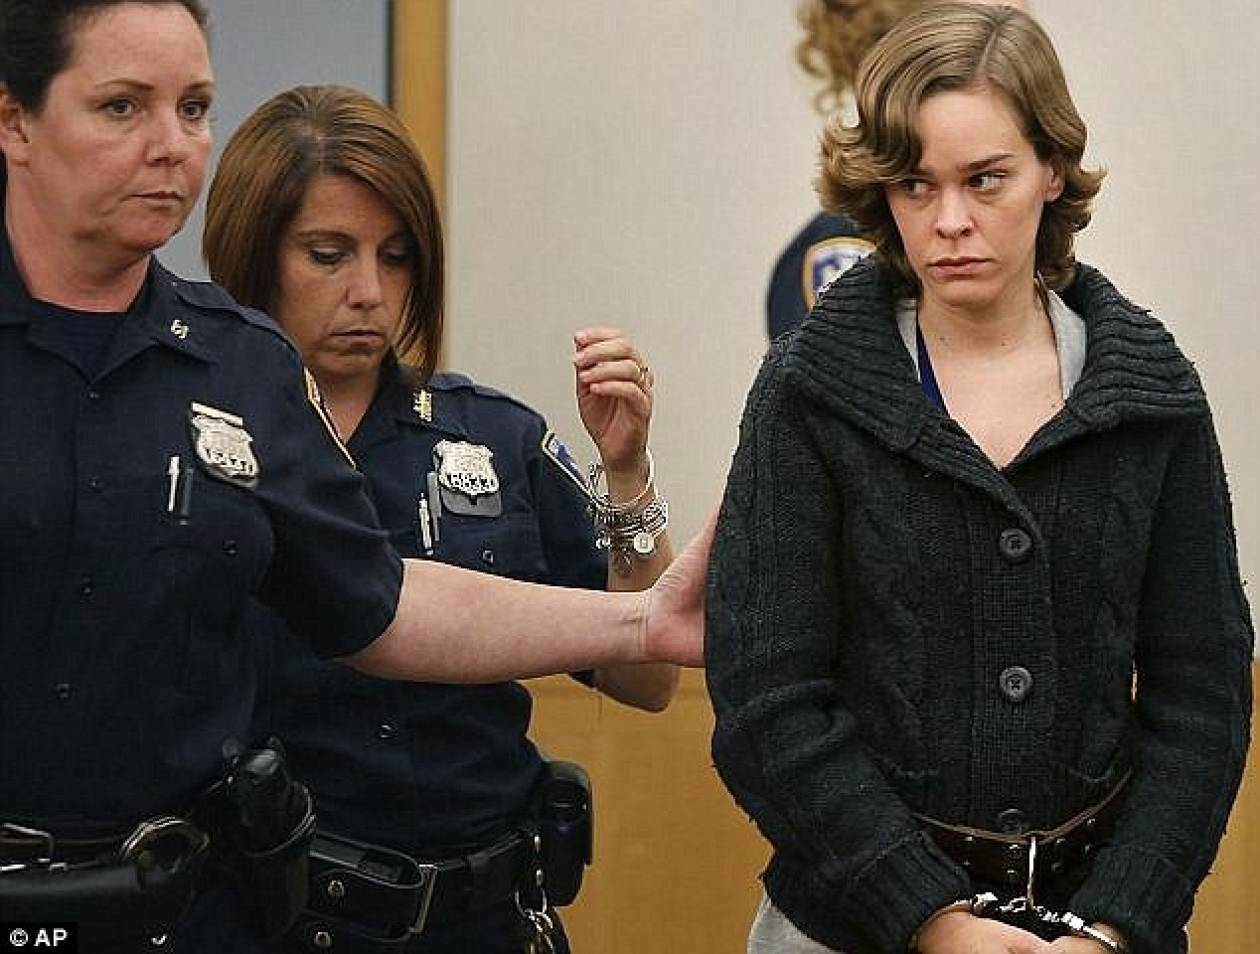 Σκότωσε τον πεντάχρονο γιο της για να μην τον φροντίζει! (pics)